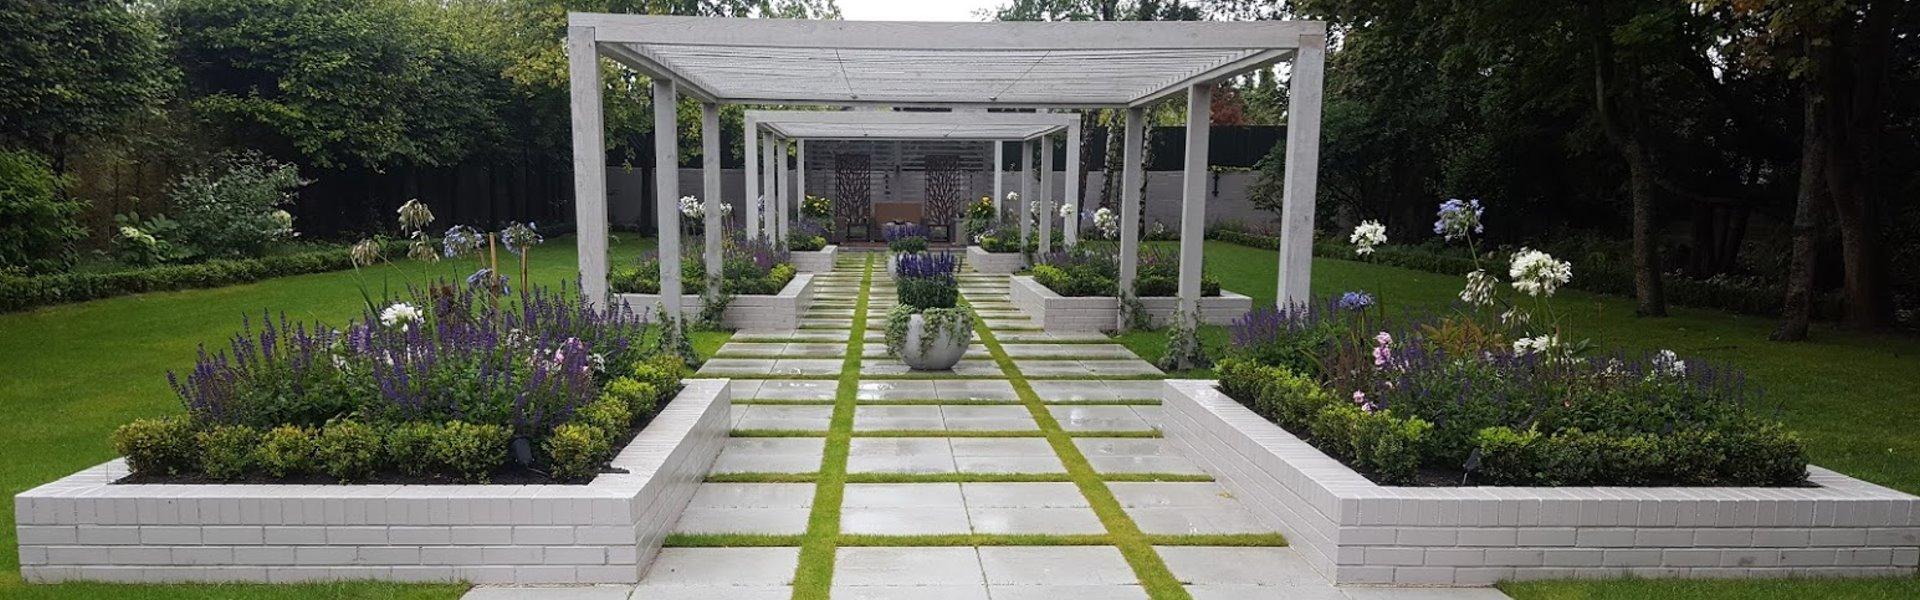 Garden Design Services Dublin L Garden Designers North Dublin